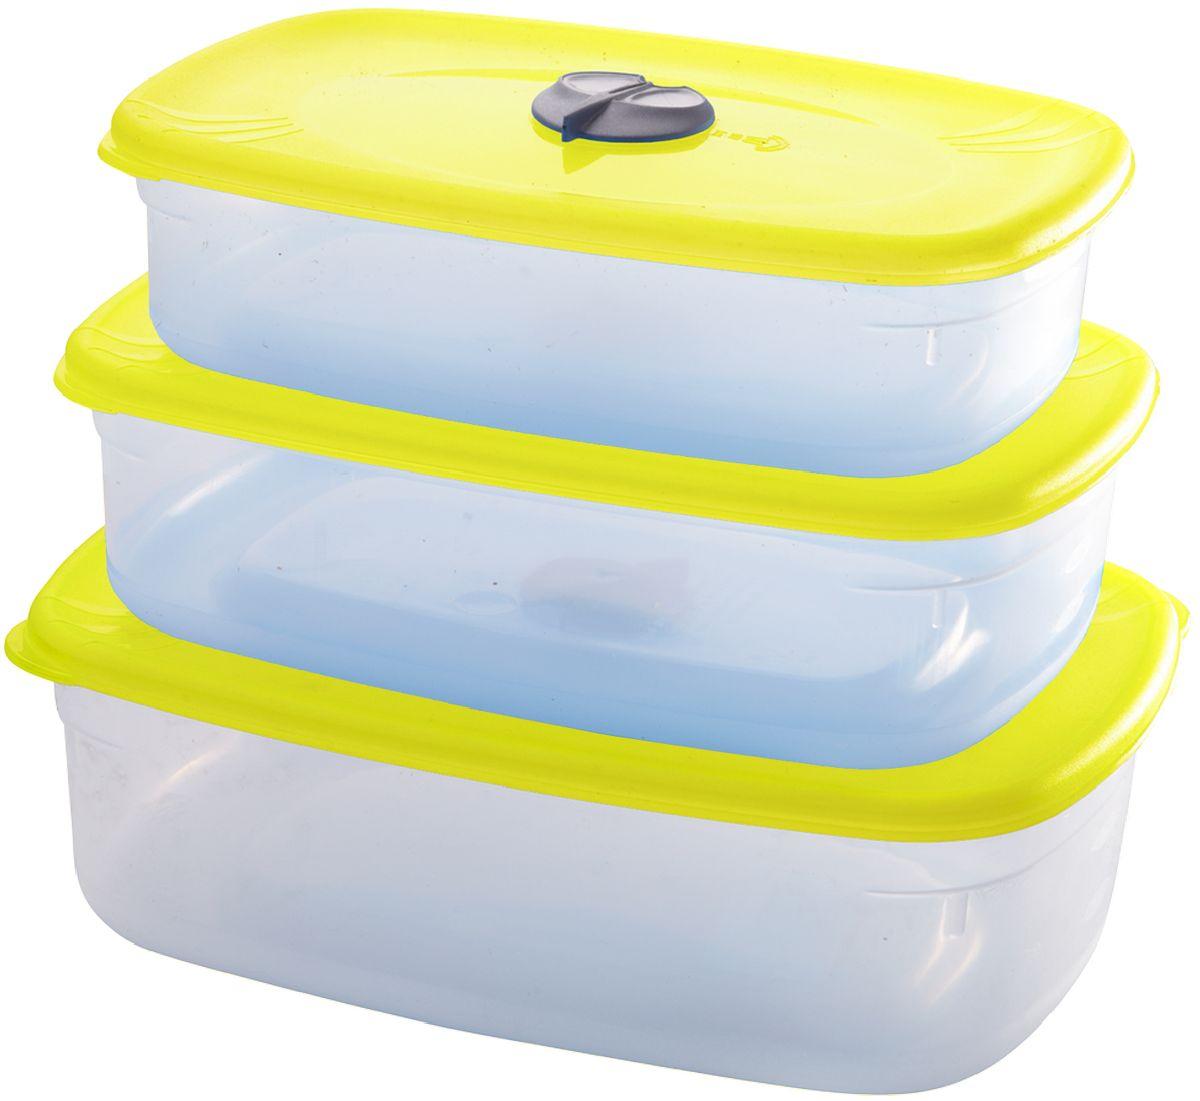 Комплект емкостей для СВЧ Plastic Centre, с паровыпускным клапаном, цвет: желтый, прозрачный, 3 шт68/5/3Набор многофункциональных емкостей для хранения различных продуктов, разогрева пищи, замораживания ягод и овощей в морозильной камере и т.п. При хранении продуктов емкости можно ставить одну на другую, сохраняя полезную площадь холодильника или морозильной камеры.Объем маленькой емкости: 750 мл.Объем средней емкости: 1,2 л.Объем большой емкости: 1,6 л.